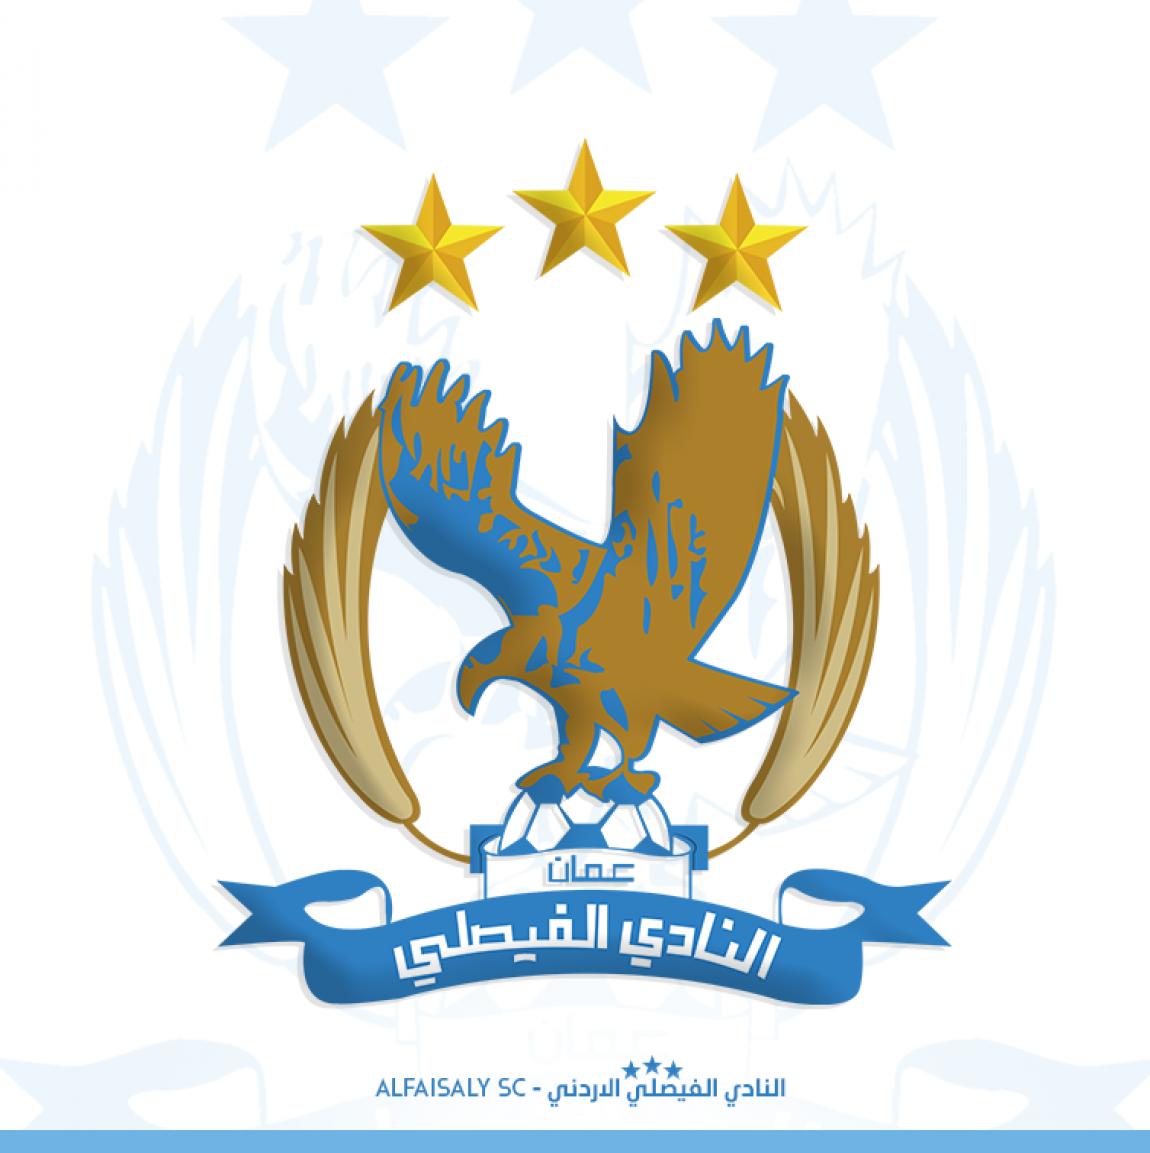 مشجعوا الفيصلي يطالبون بتخفيض رسوم الهيئة العامة وتعديل النظام الداخلي